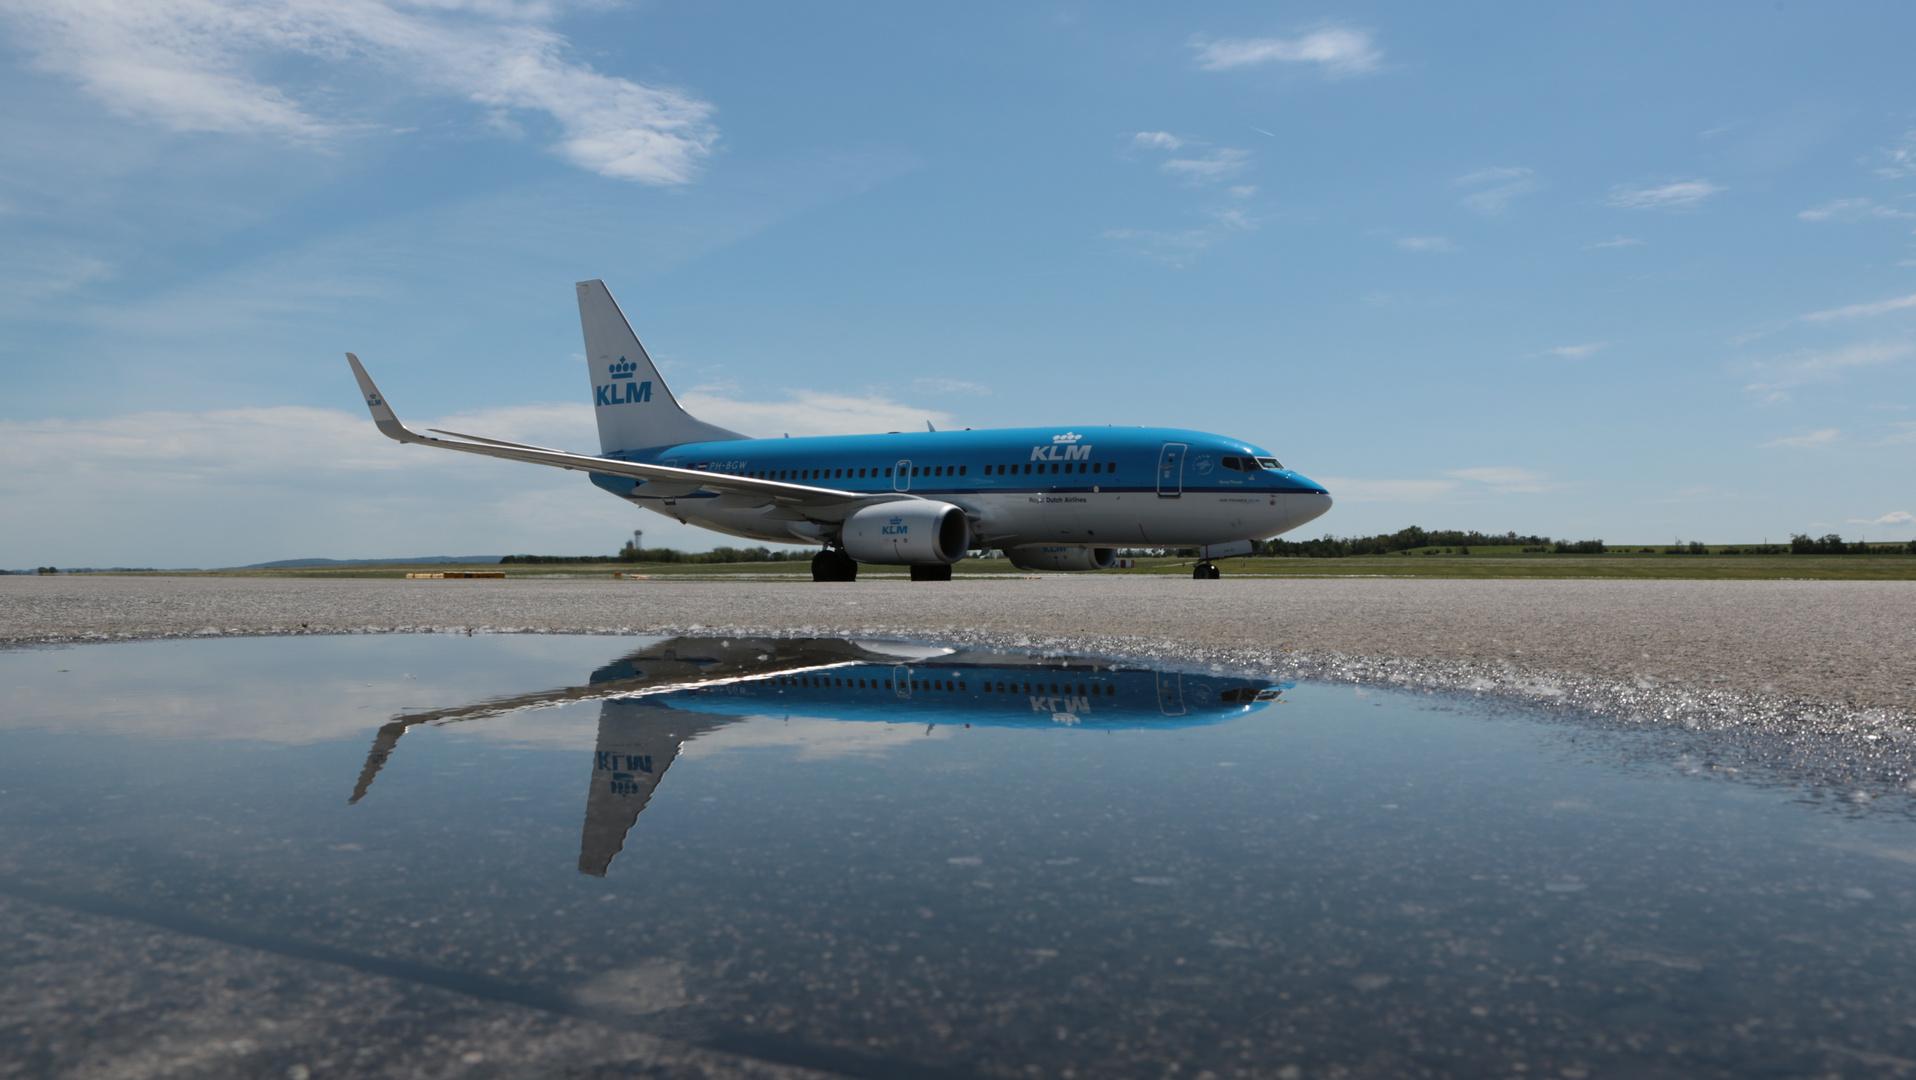 KLM im Wasser